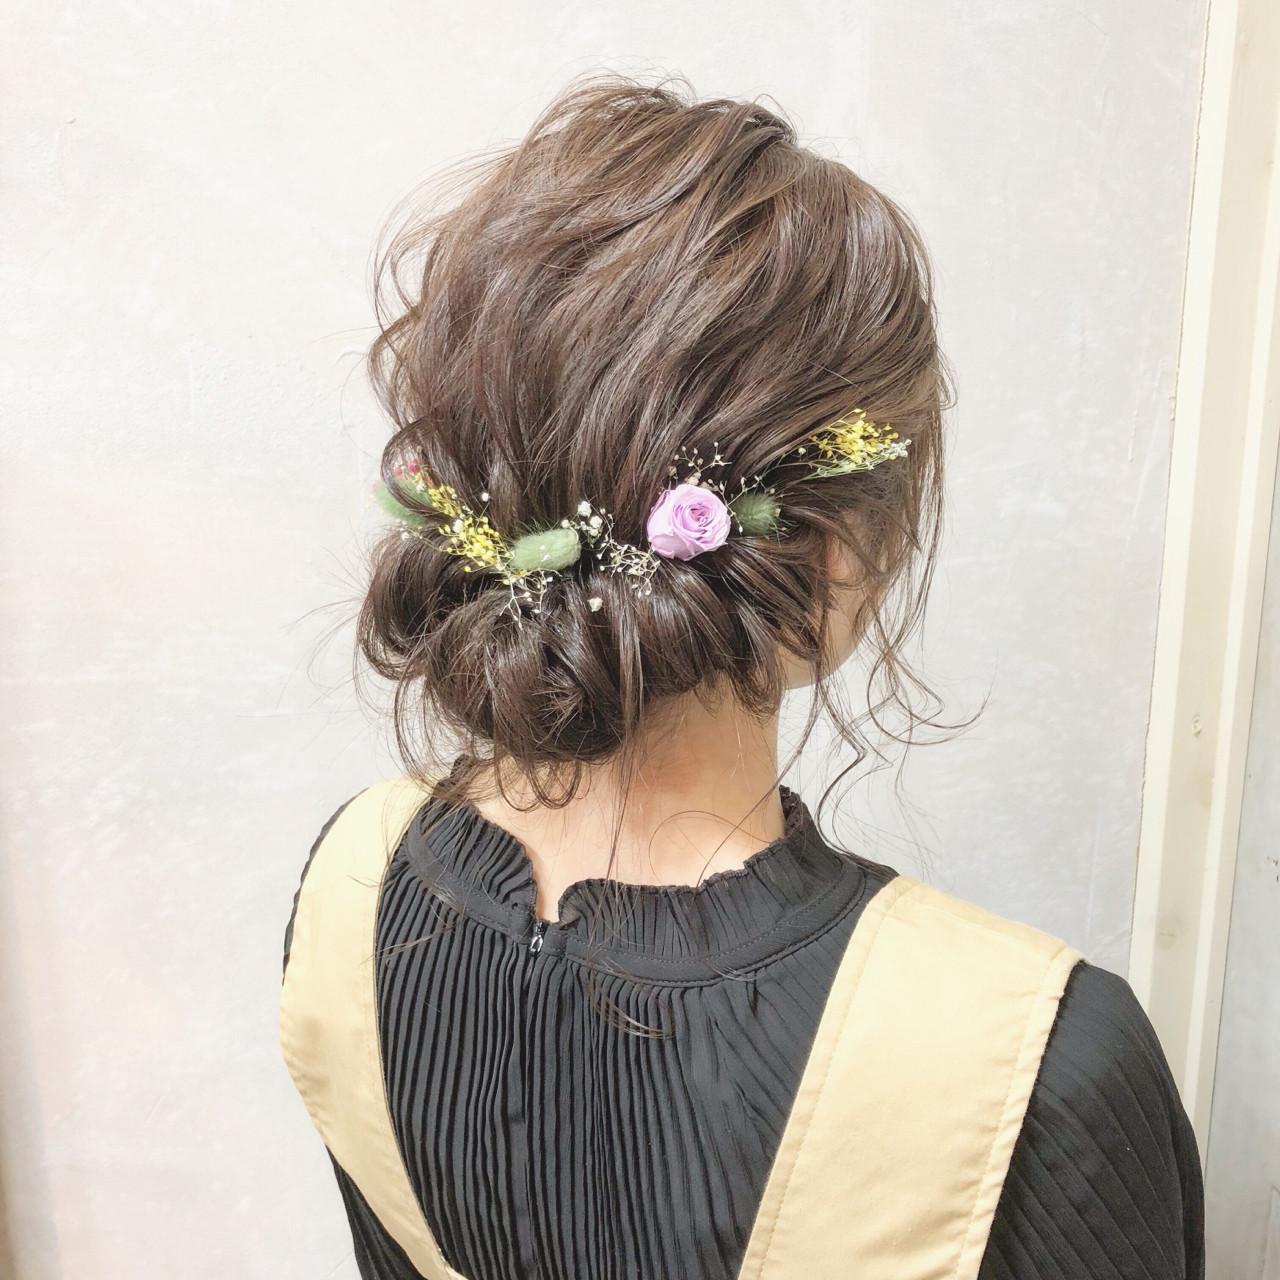 ナチュラル ヘアアレンジ 結婚式 謝恩会 ヘアスタイルや髪型の写真・画像 | hii.de@✂︎ / Maison de sisi